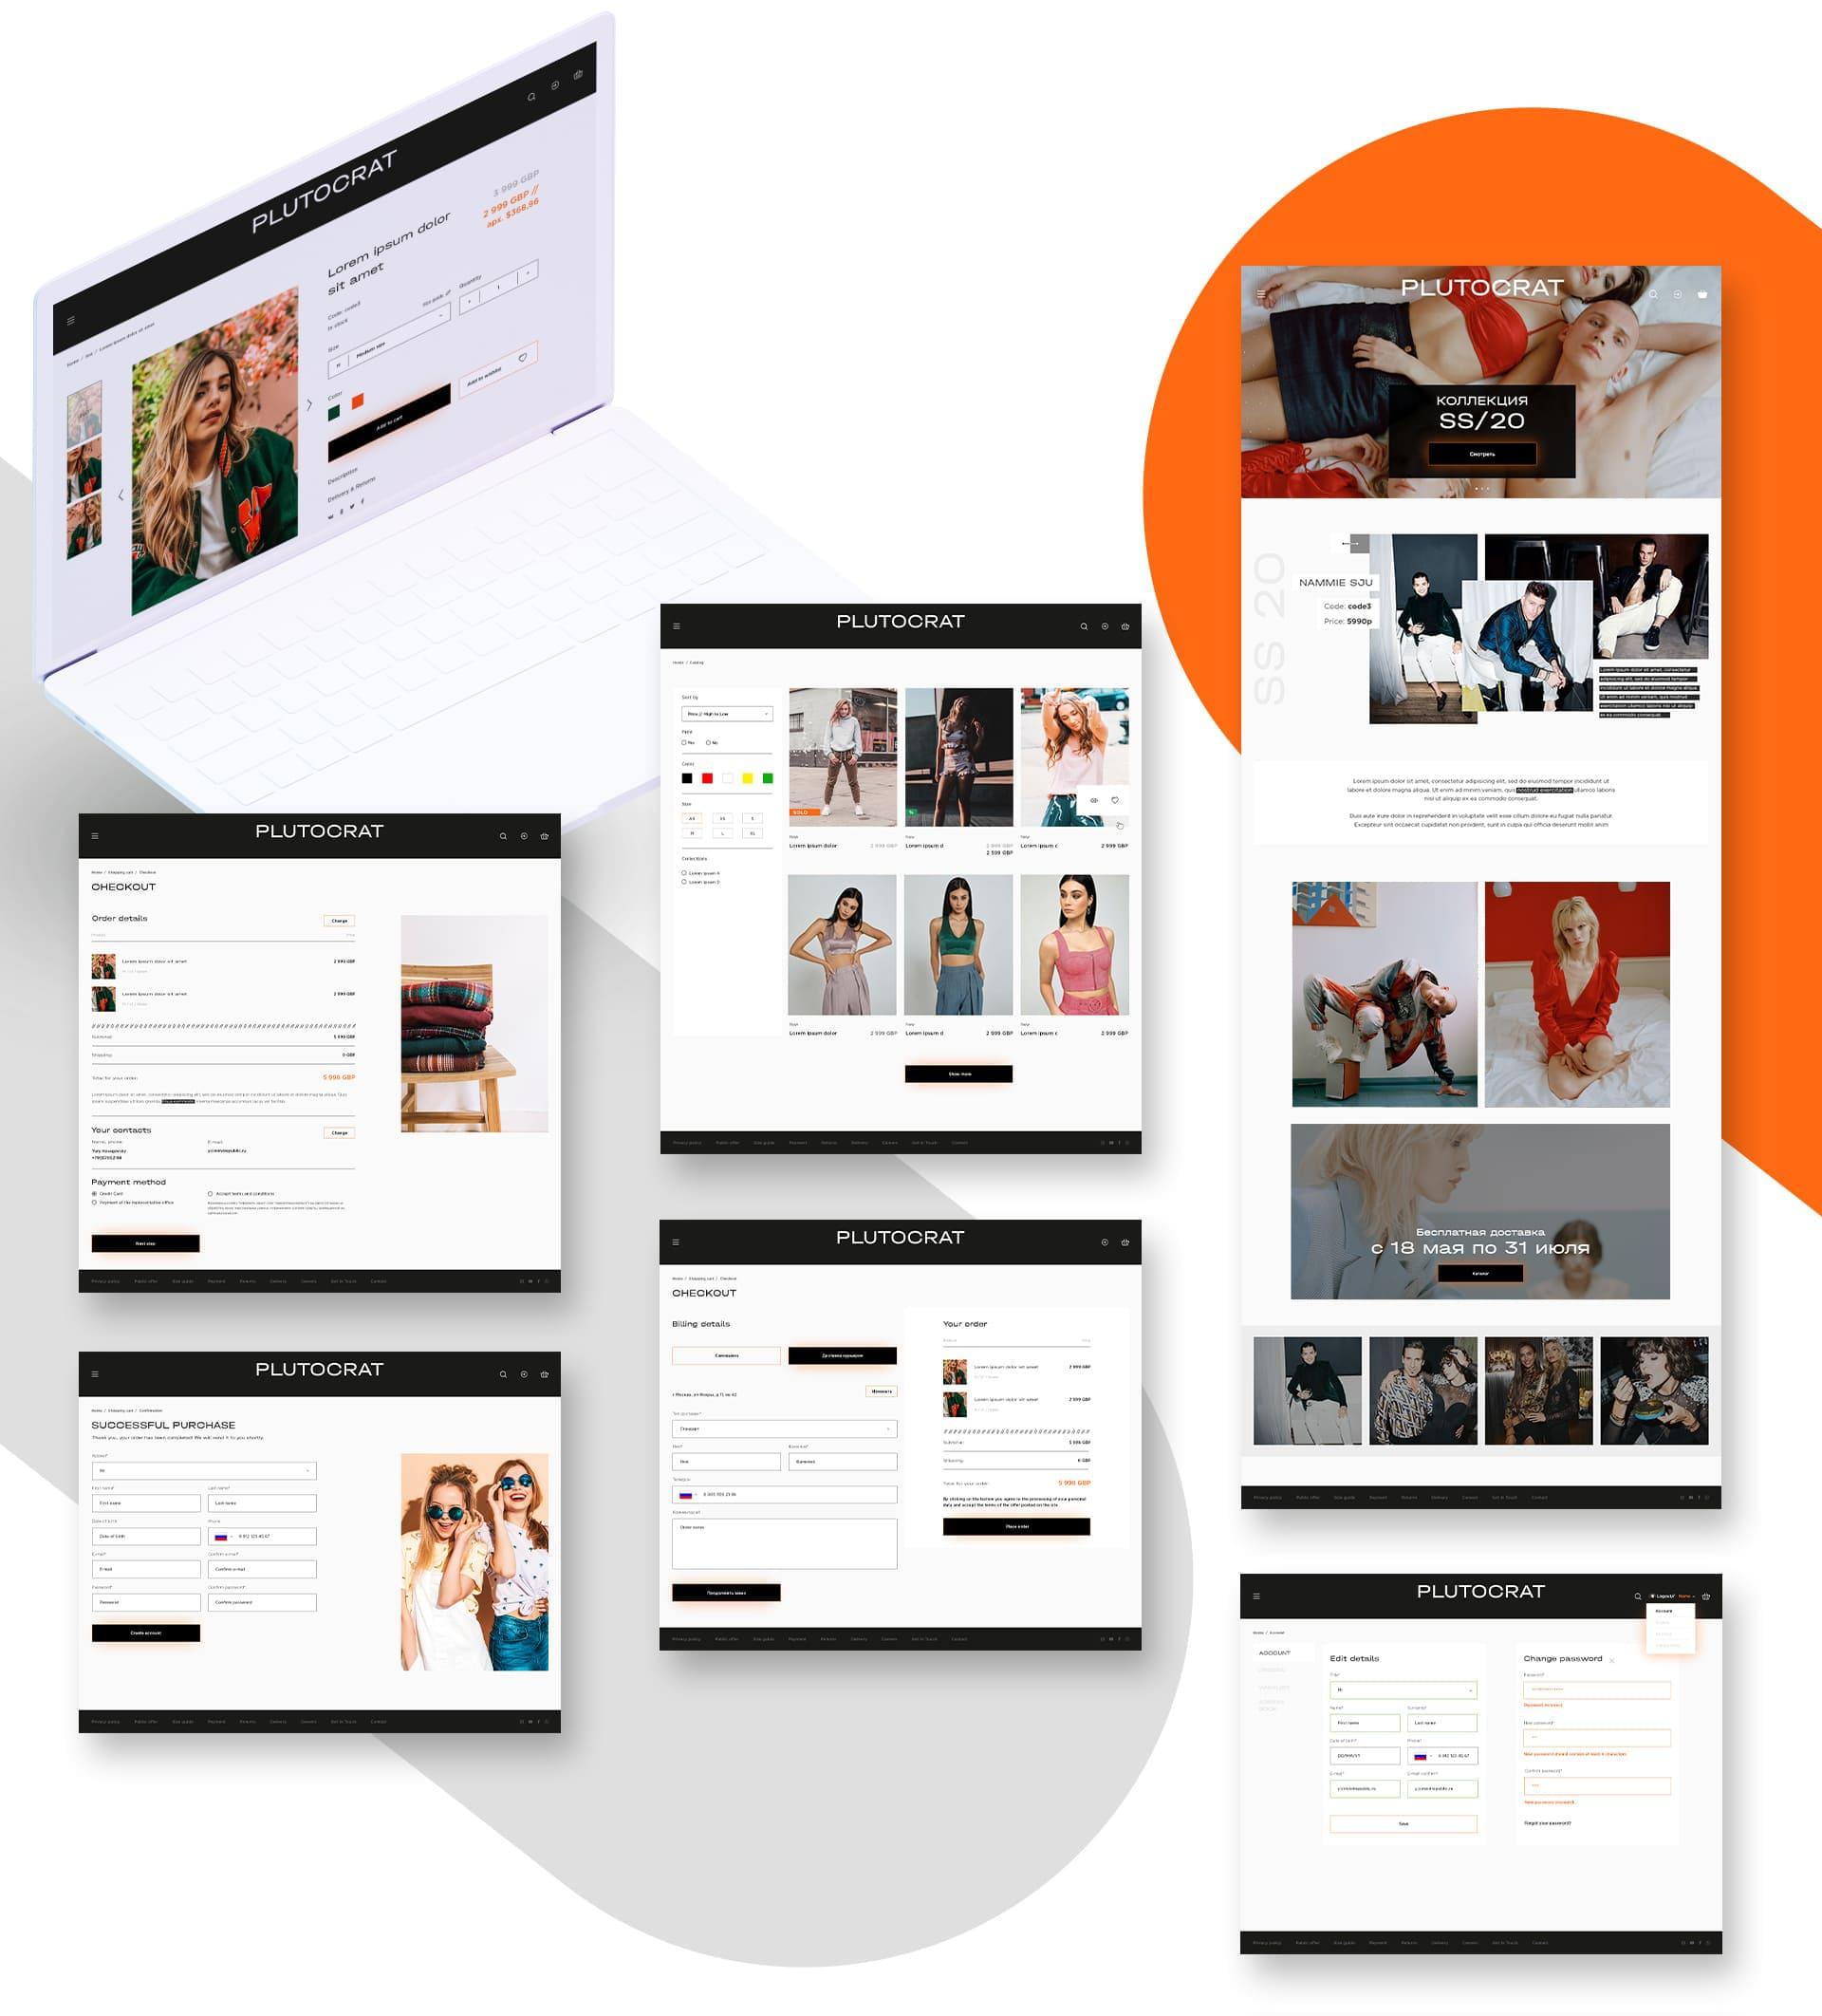 презентация дизайна сайта интернет магазина стильной одежды